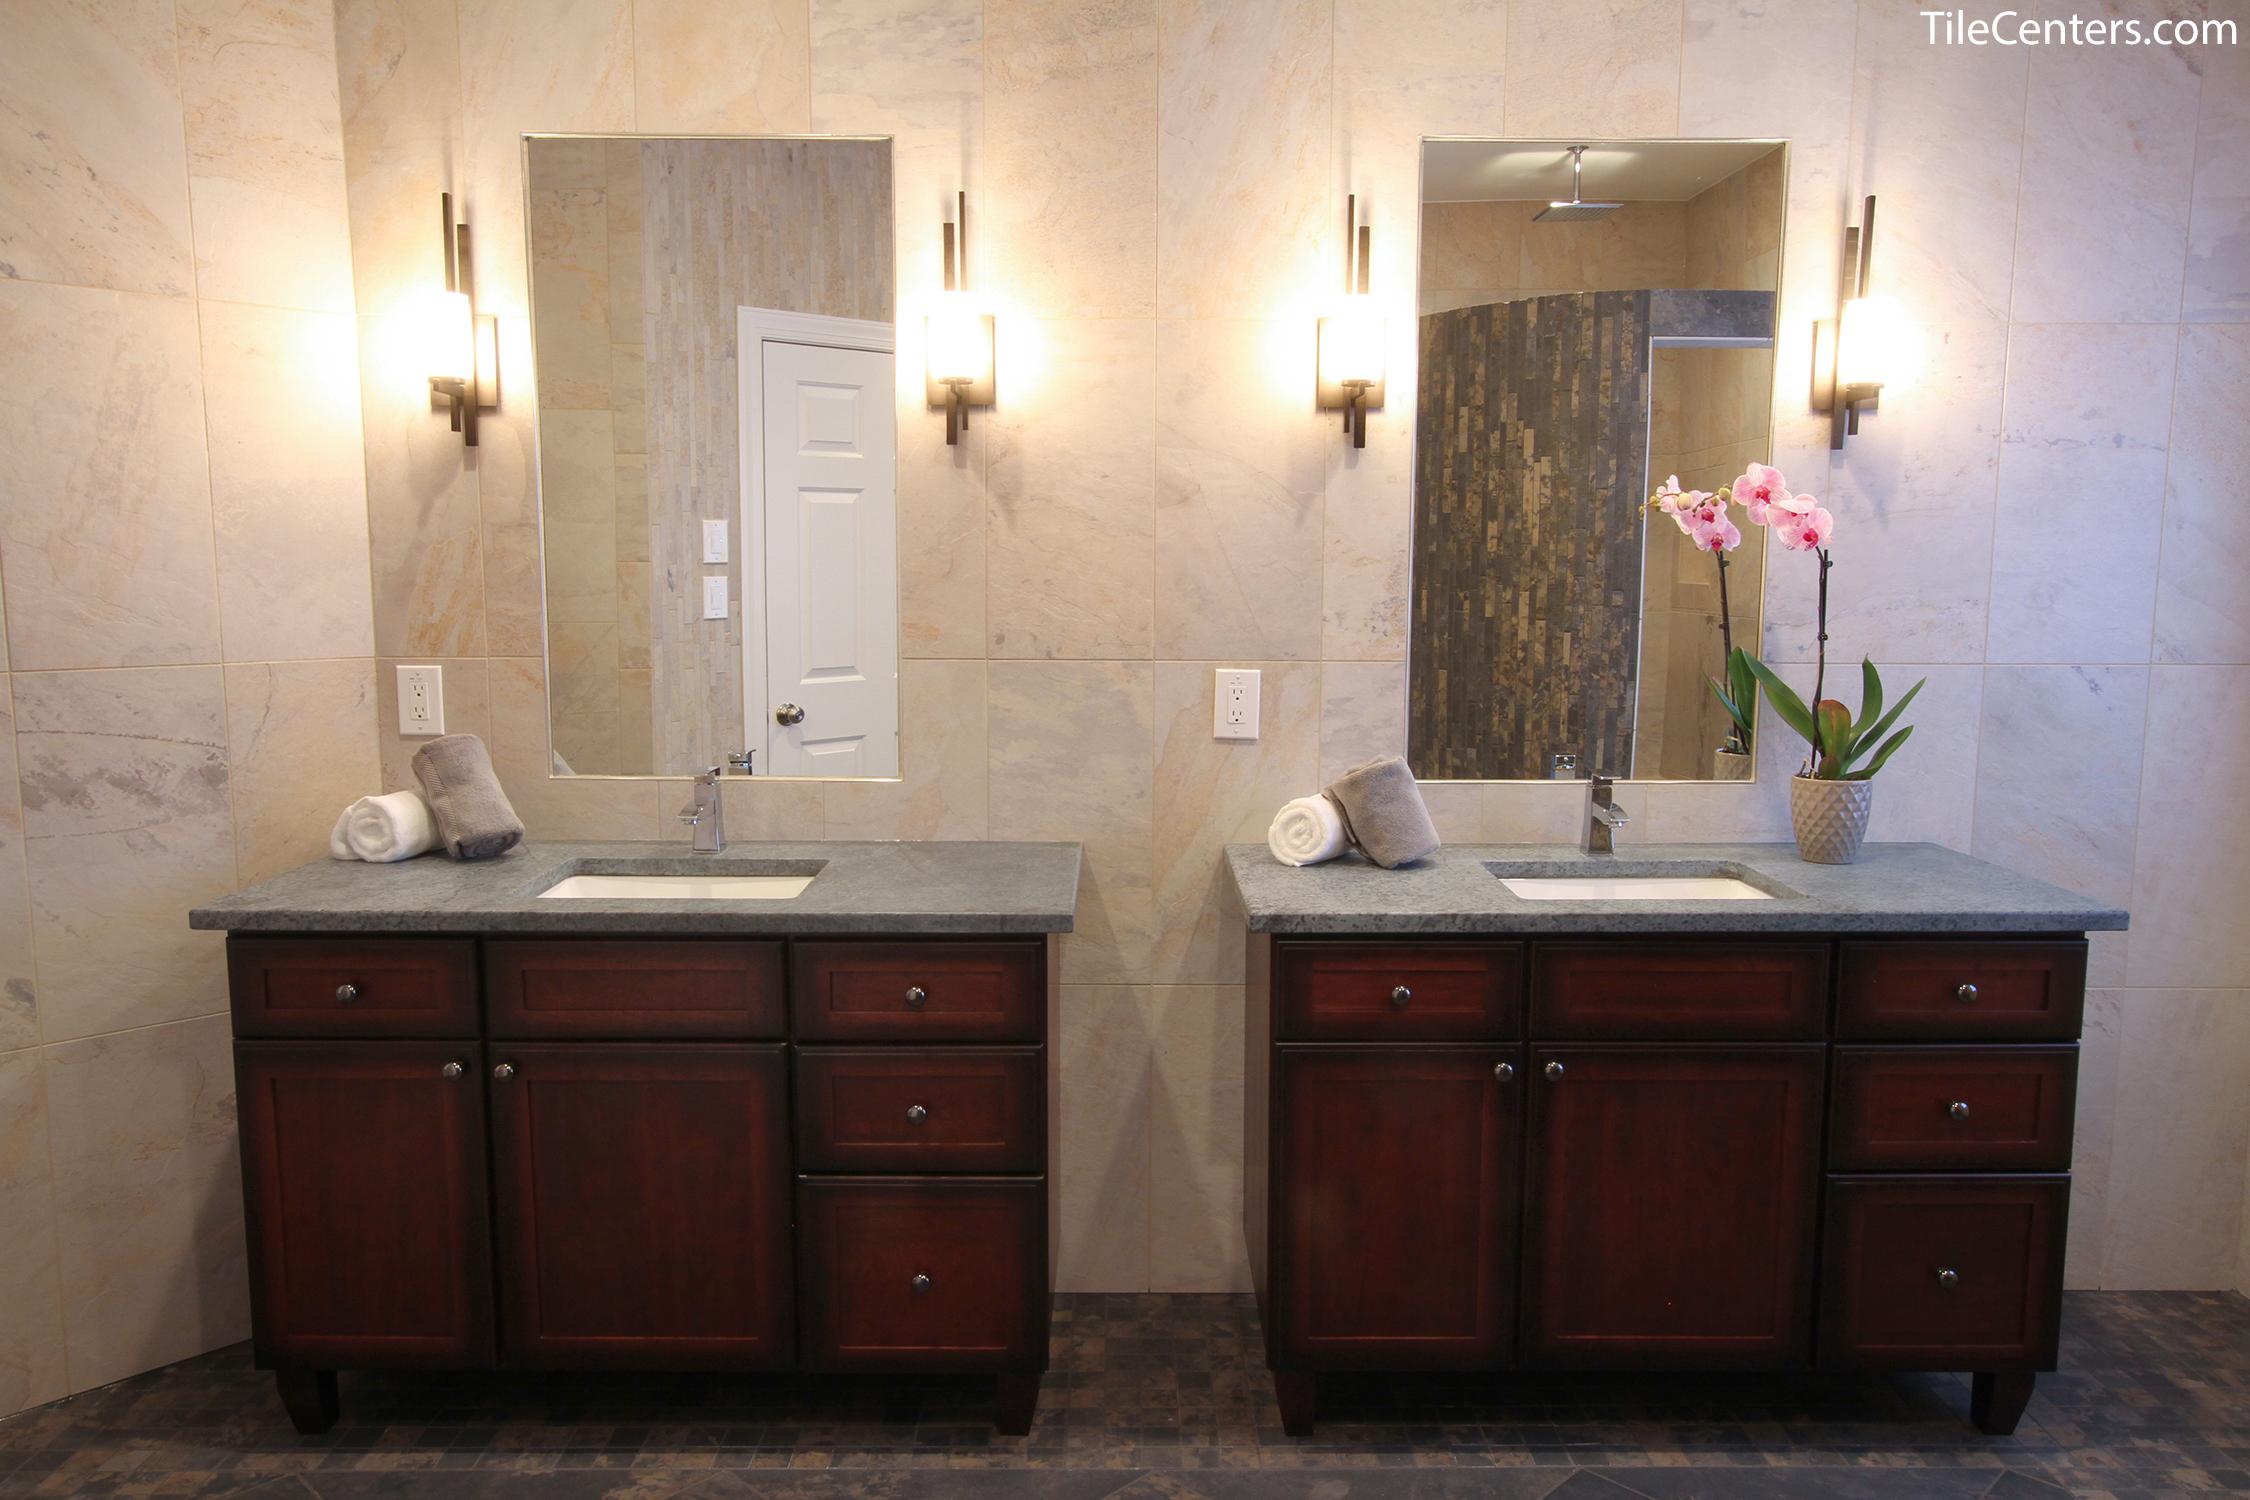 Bathroom Remodel - Traverner Cr, Frederick, MD 21704